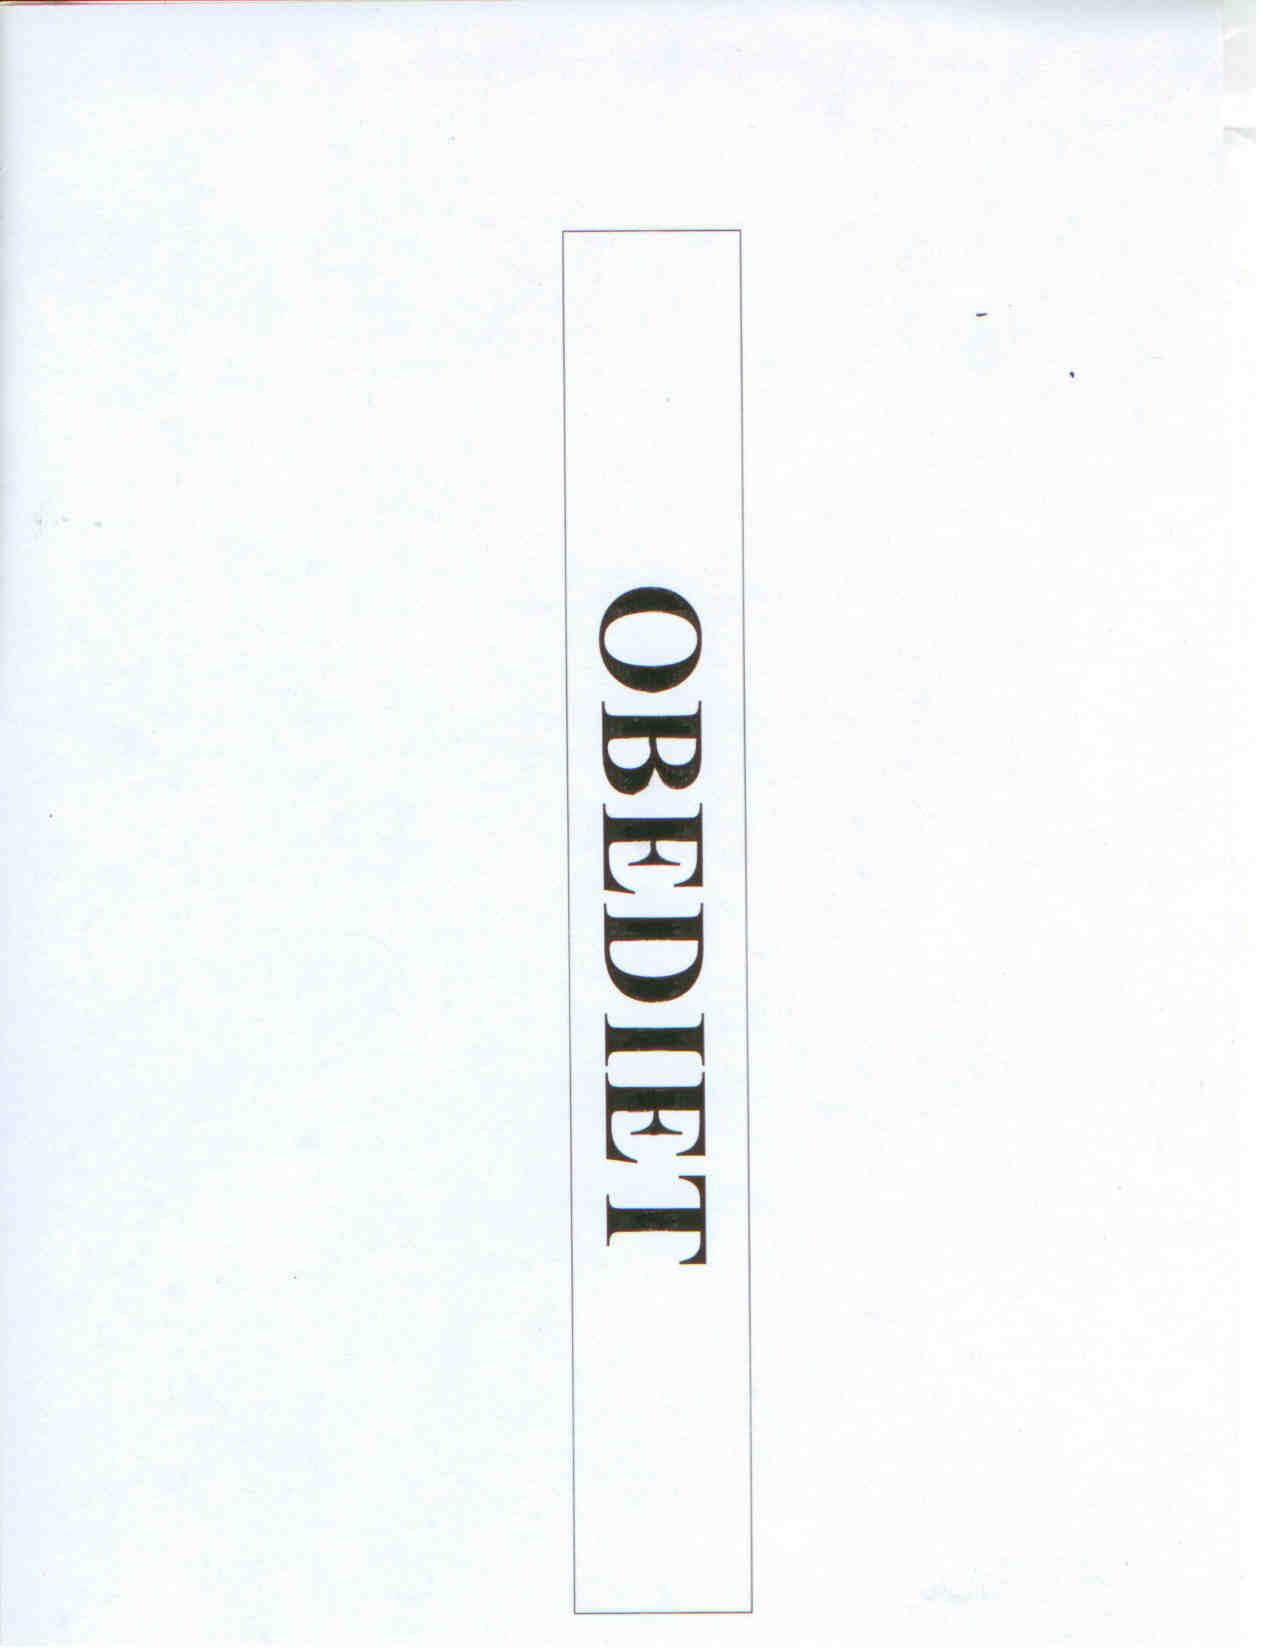 OBEDIET